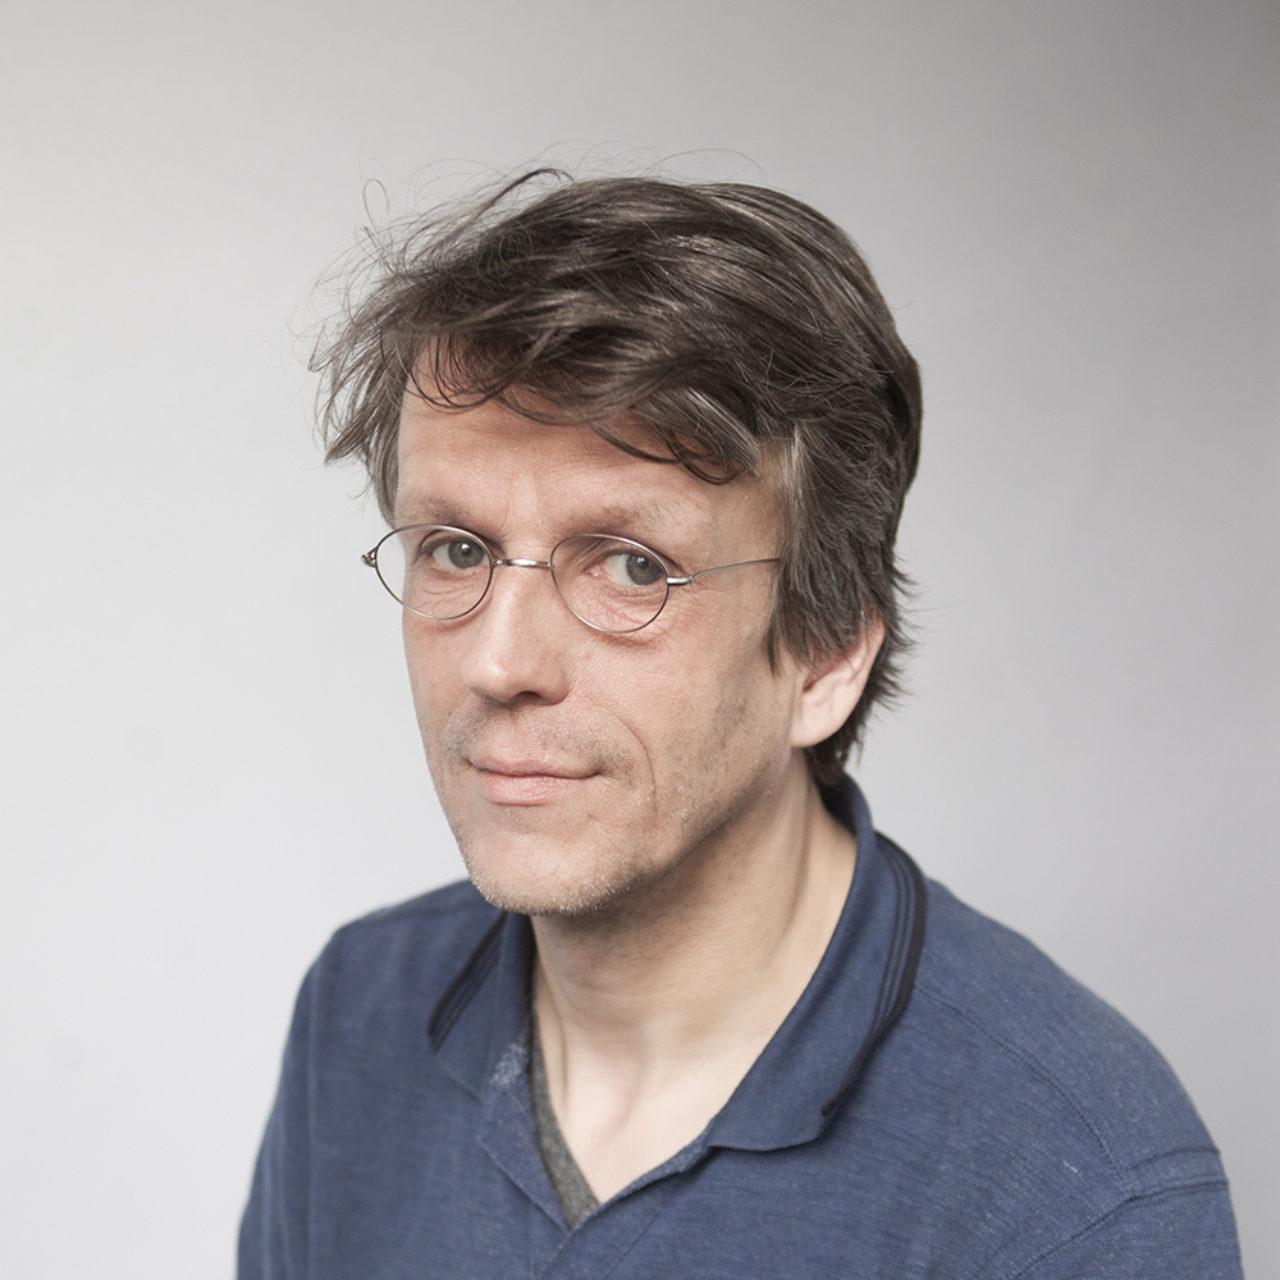 profiel foto Erik Van Blokland, hoofd Master Type en Media, Koninklijke Academie van Beeldende Kunsten Den Haag